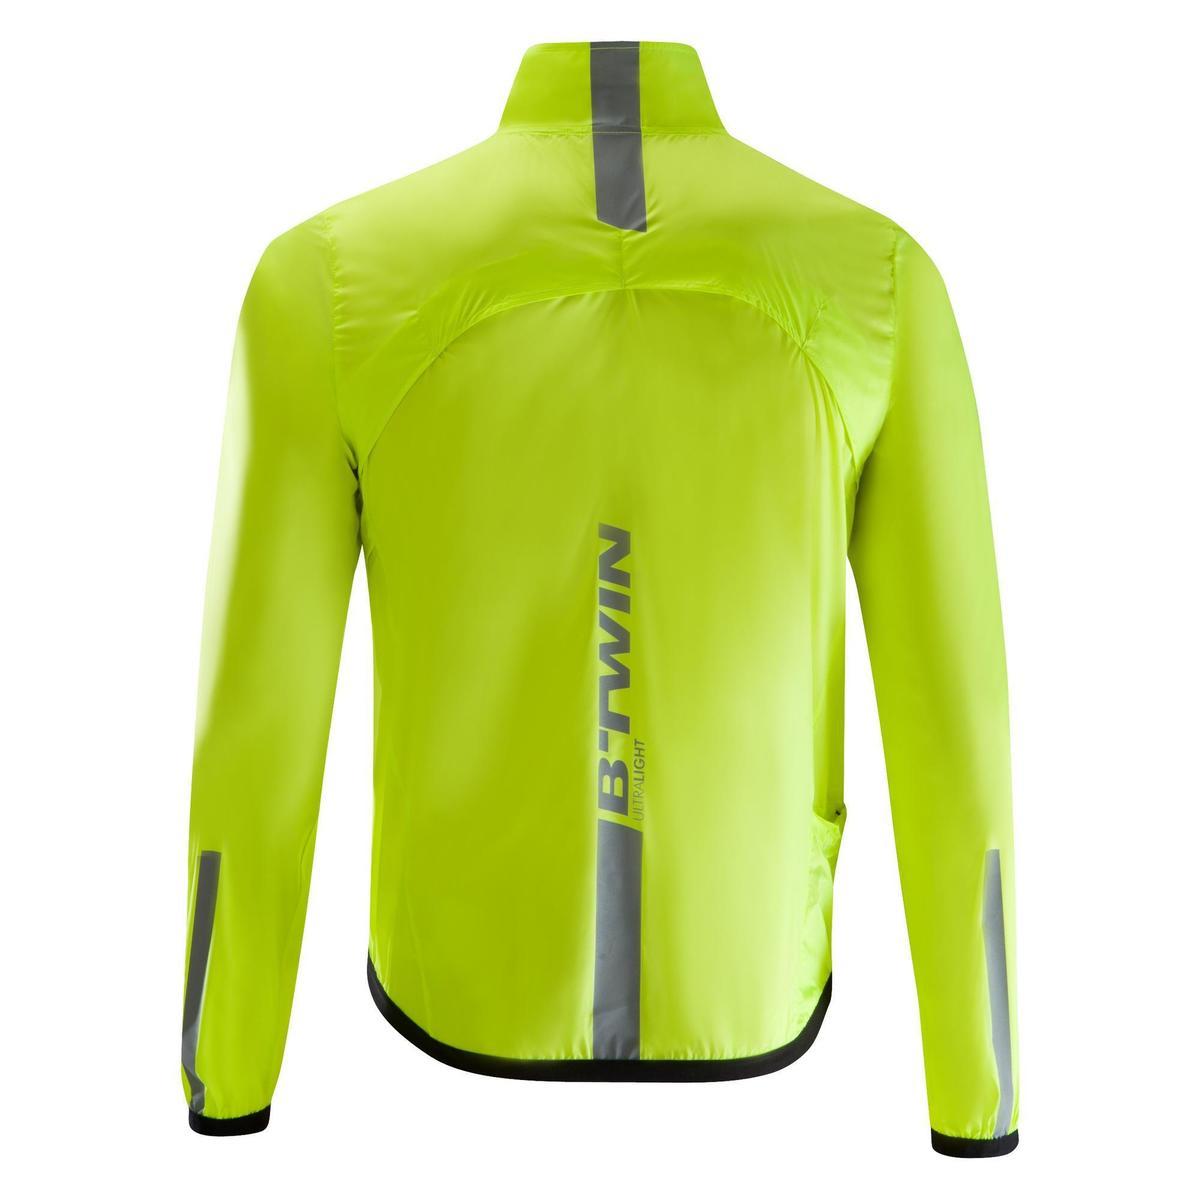 Bild 2 von Fahrrad-Windjacke Langarm Rennrad Ultralight Herren neongelb